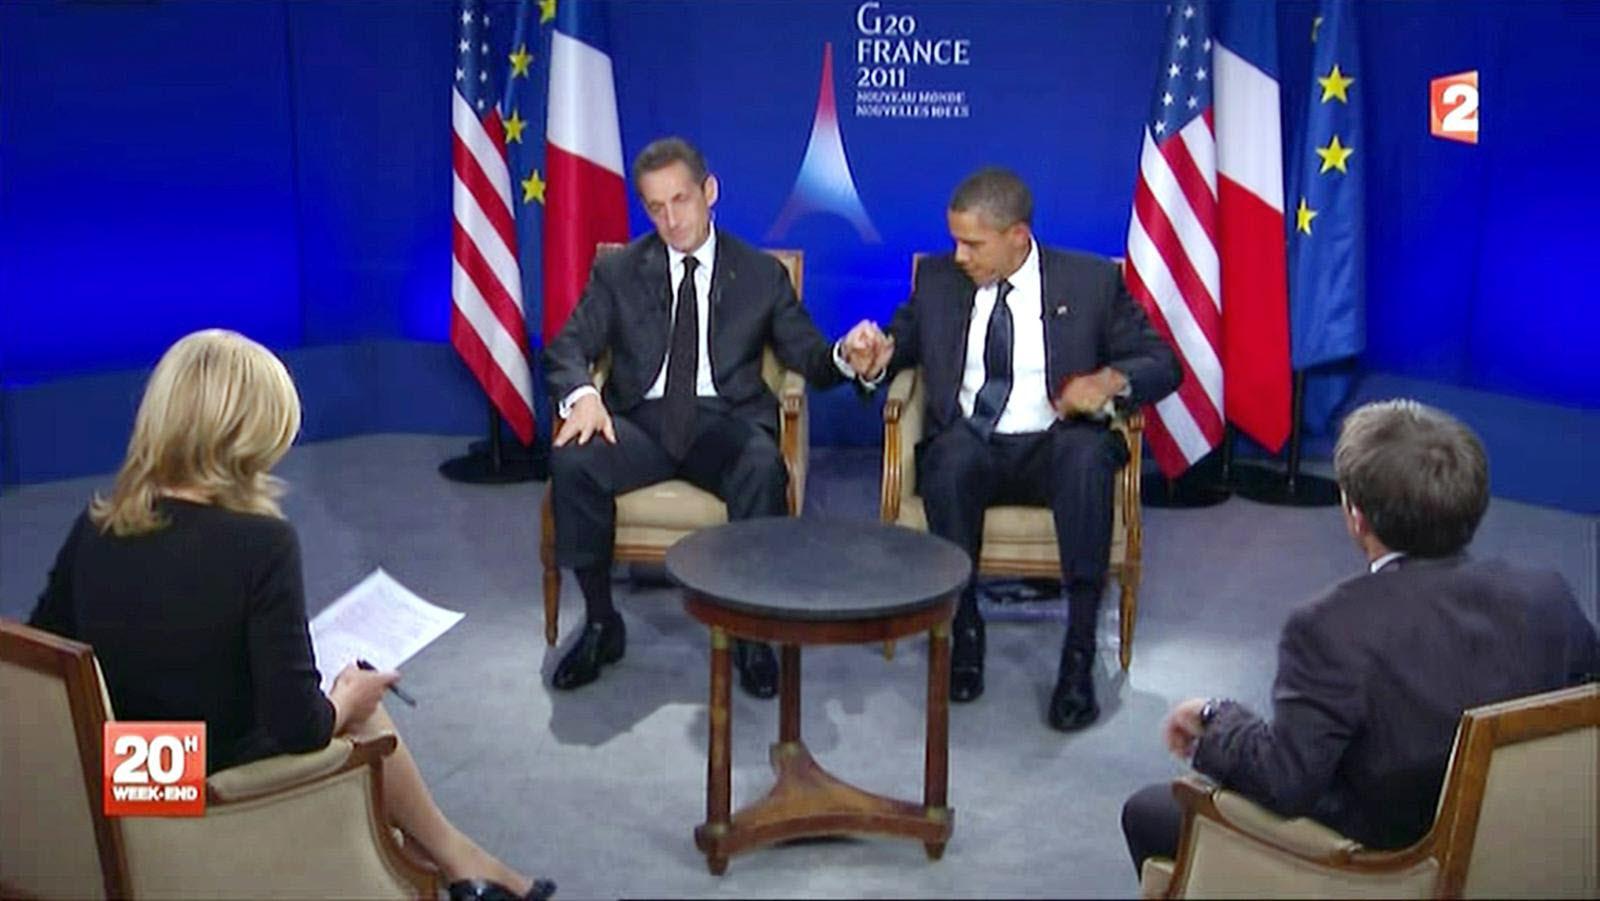 Nicolas Sarkozy humilié par Barack Obama : ce surnom que l'ancien président américain lui a donné